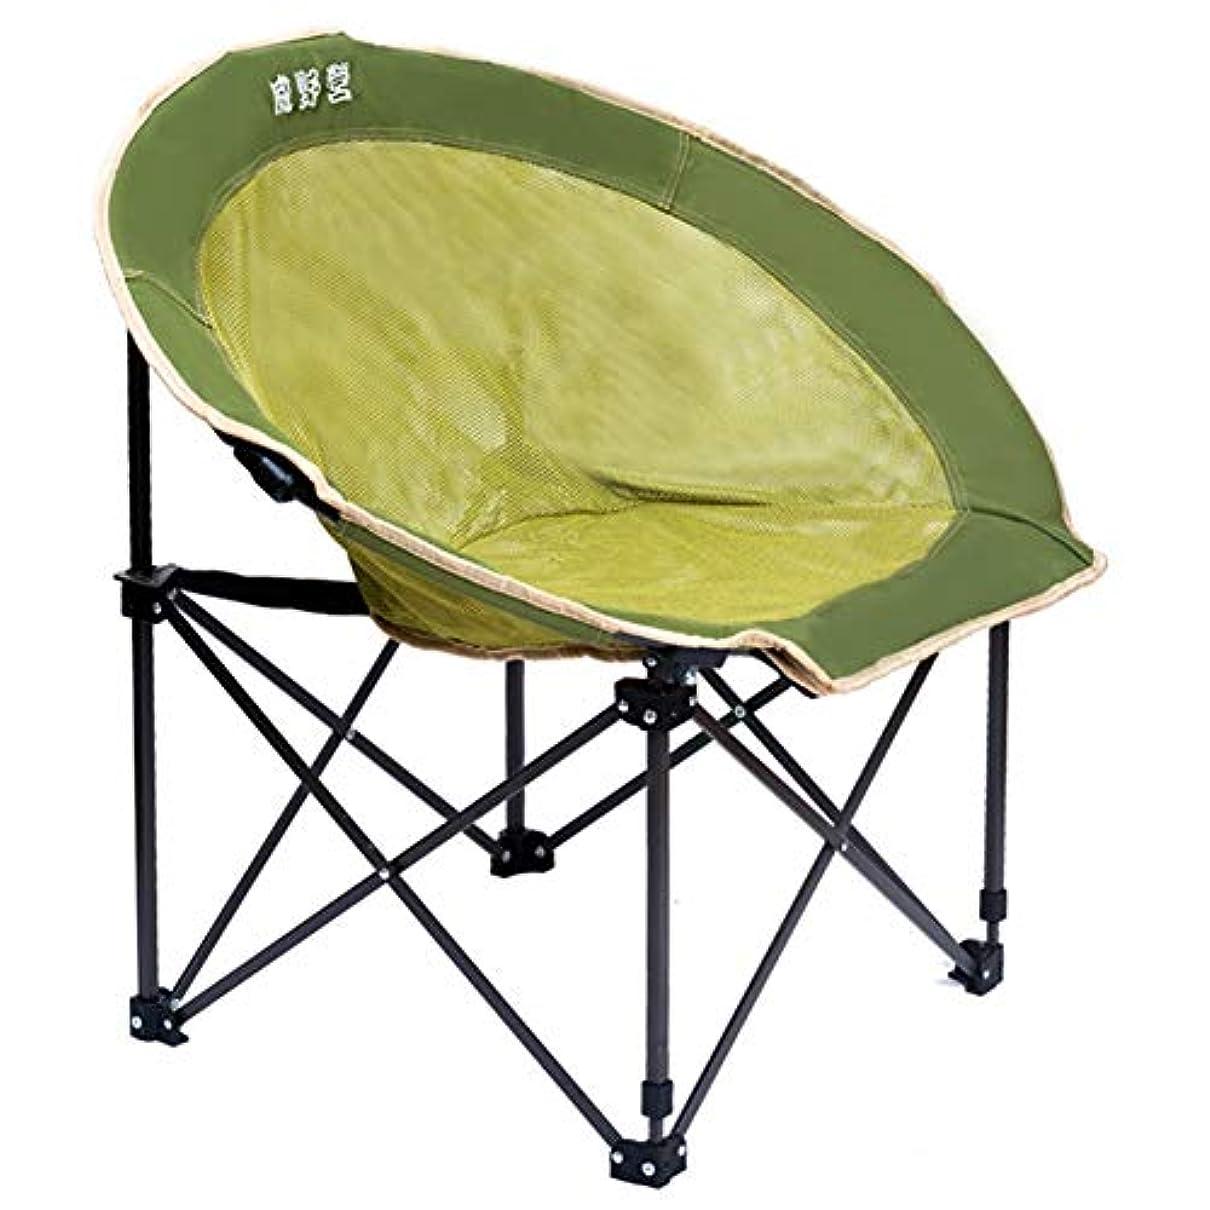 前奏曲高度キャロラインアウトドアチェア、 月の屋外キャンプチェア - メッシュ付きの軽量折りたたみキャンプチェア - 庭、デッキ、ピクニック&キャンプに最適